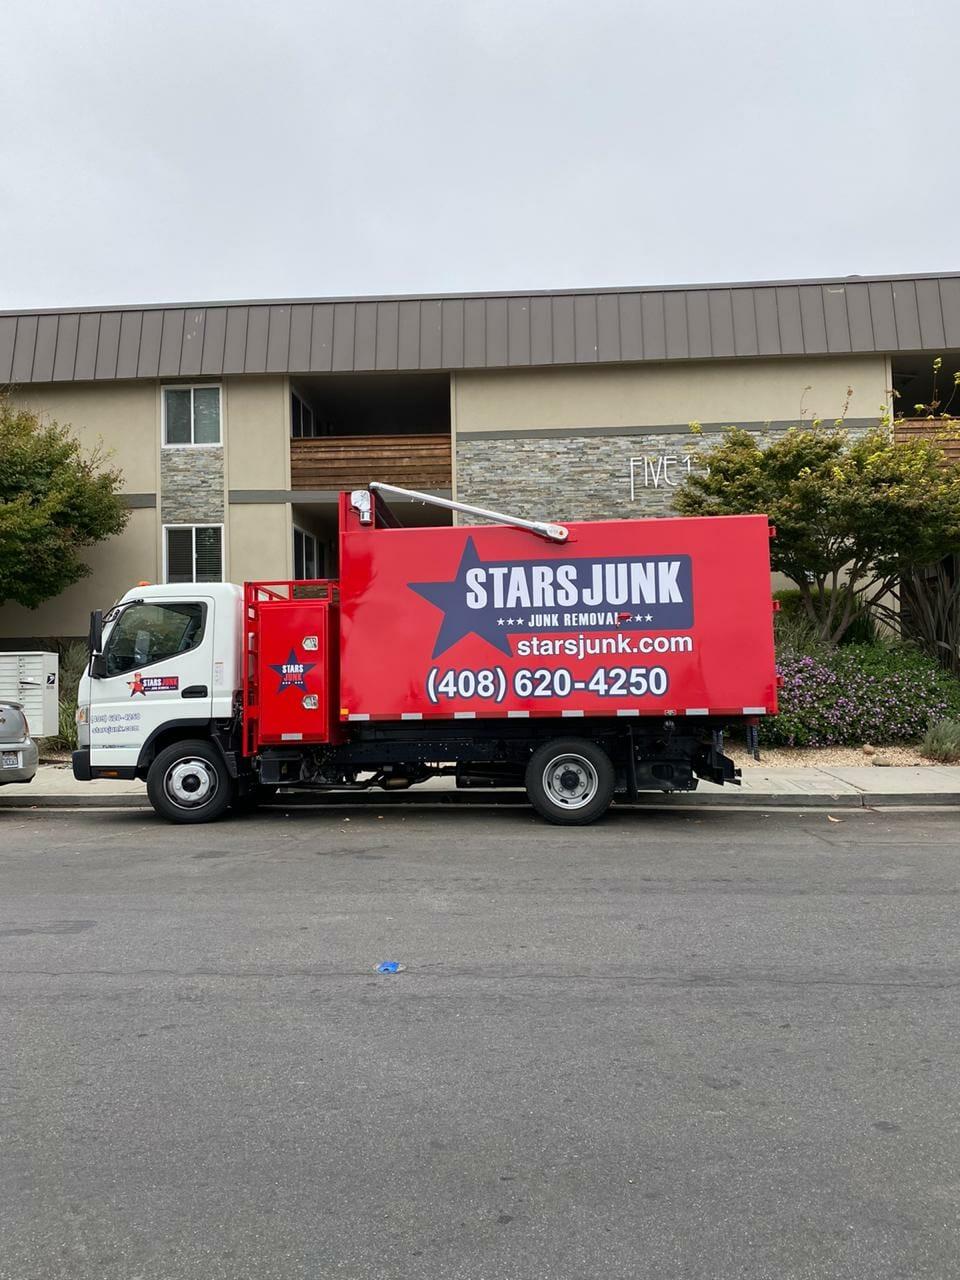 Stars Junk - New - Stars Junk Removal